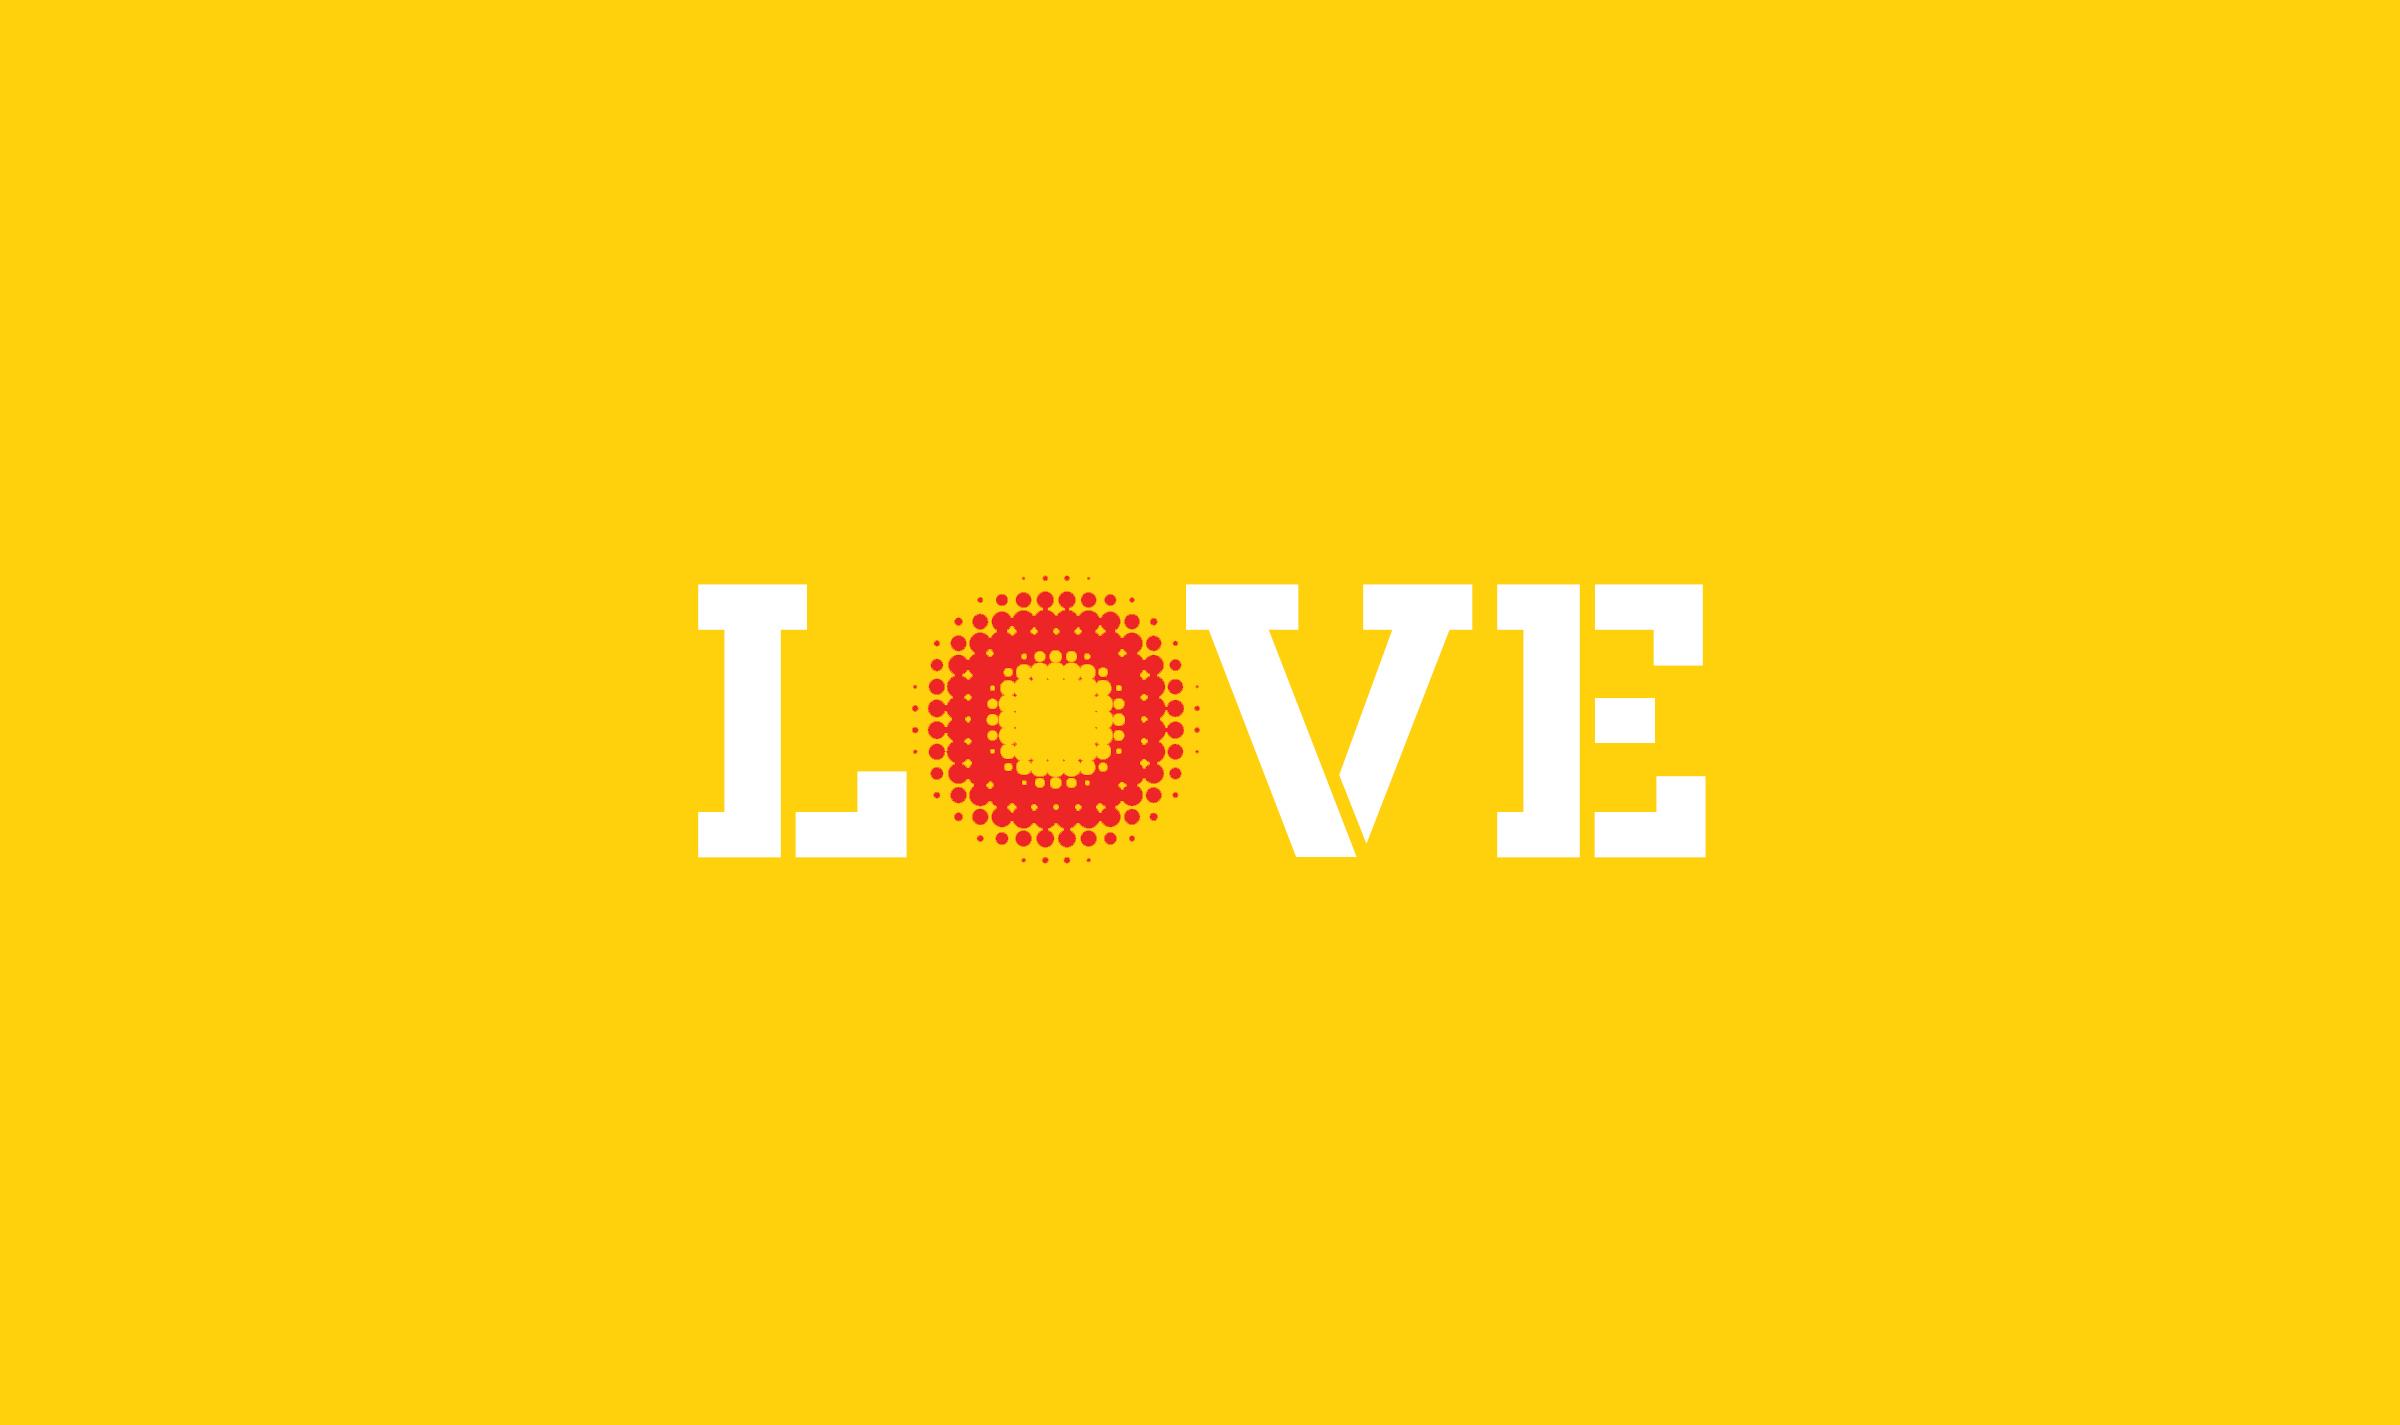 LOVEwebslide